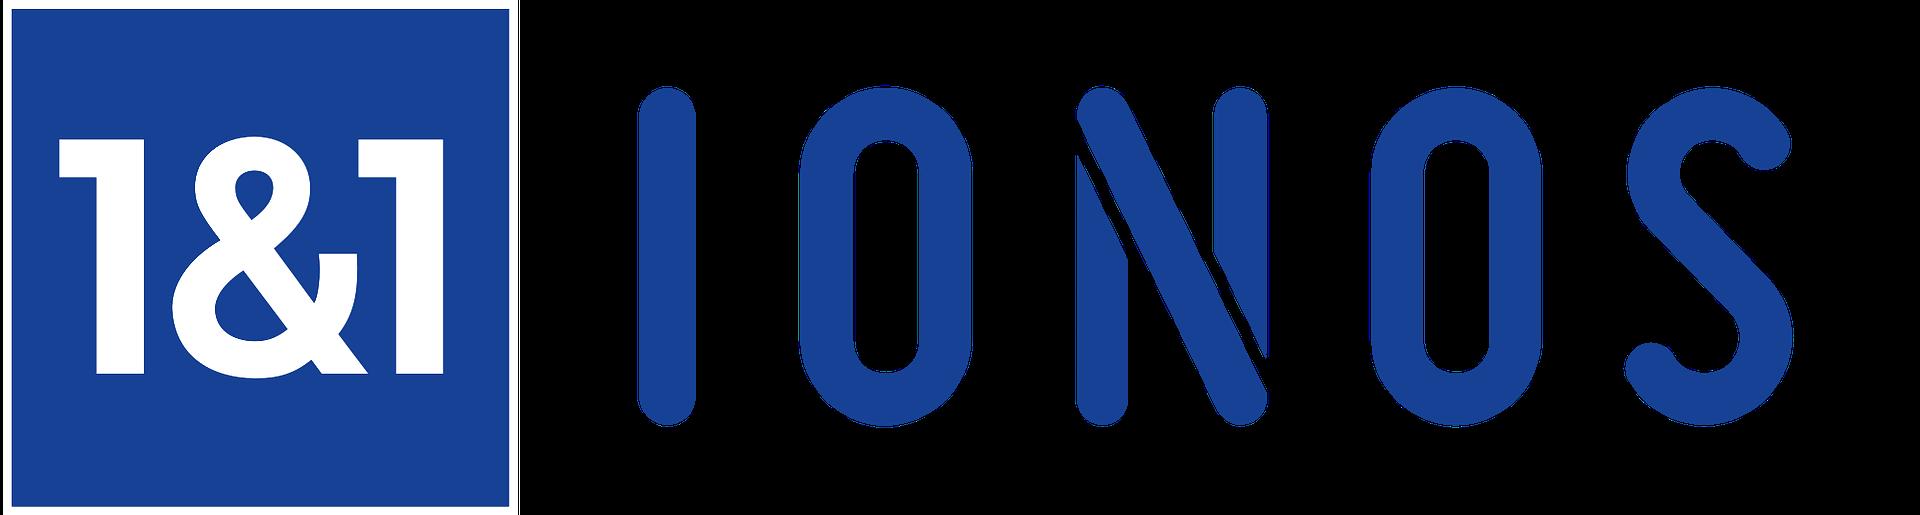 Best WordPress hosting Europe: IONOS